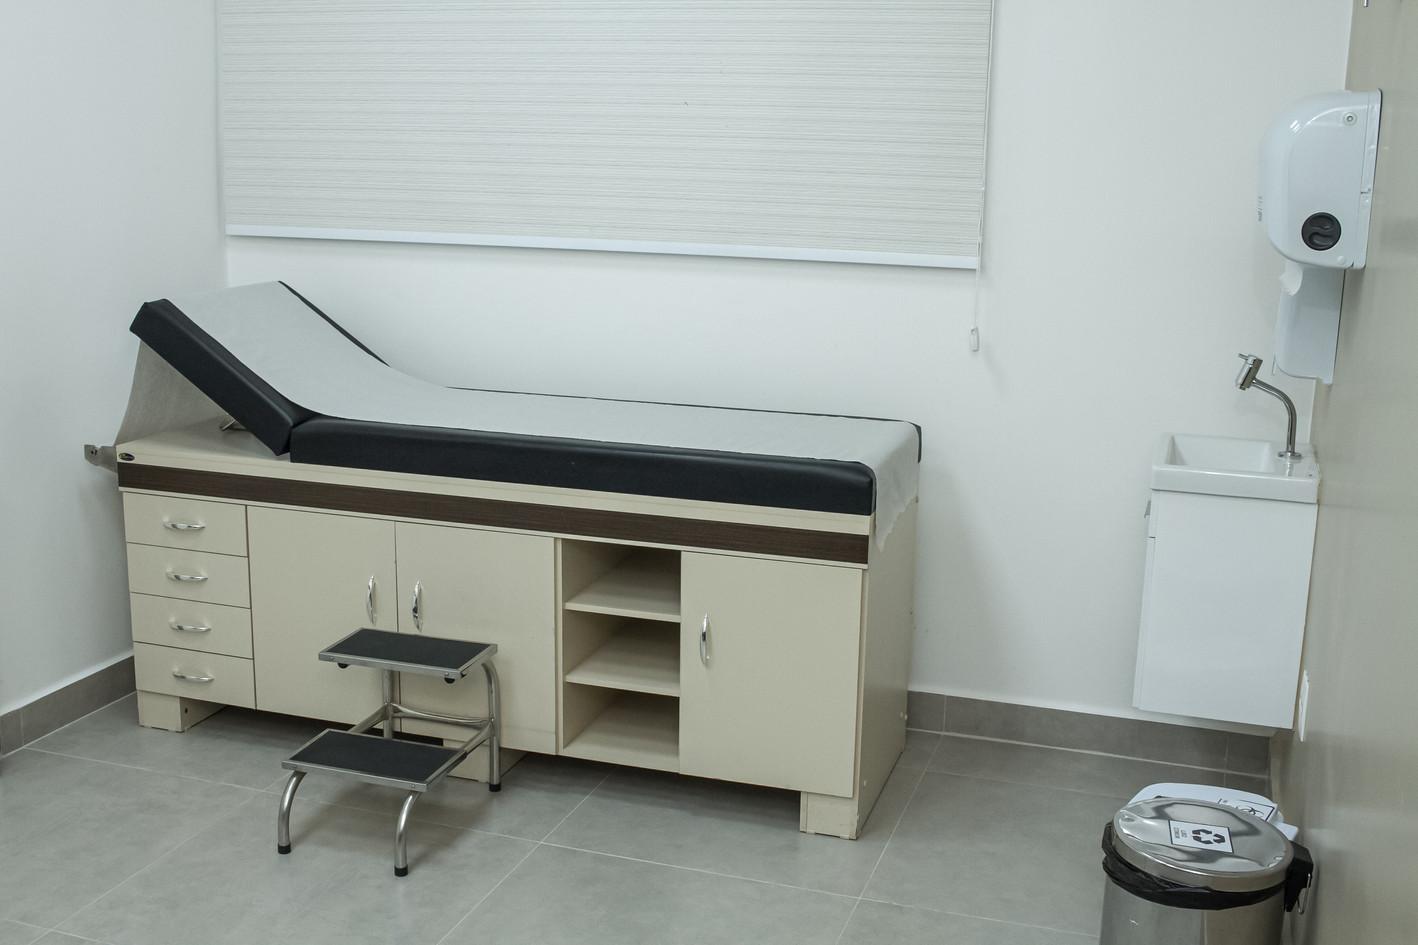 0044-CentroCor-Clinica-15052019-foto-sil